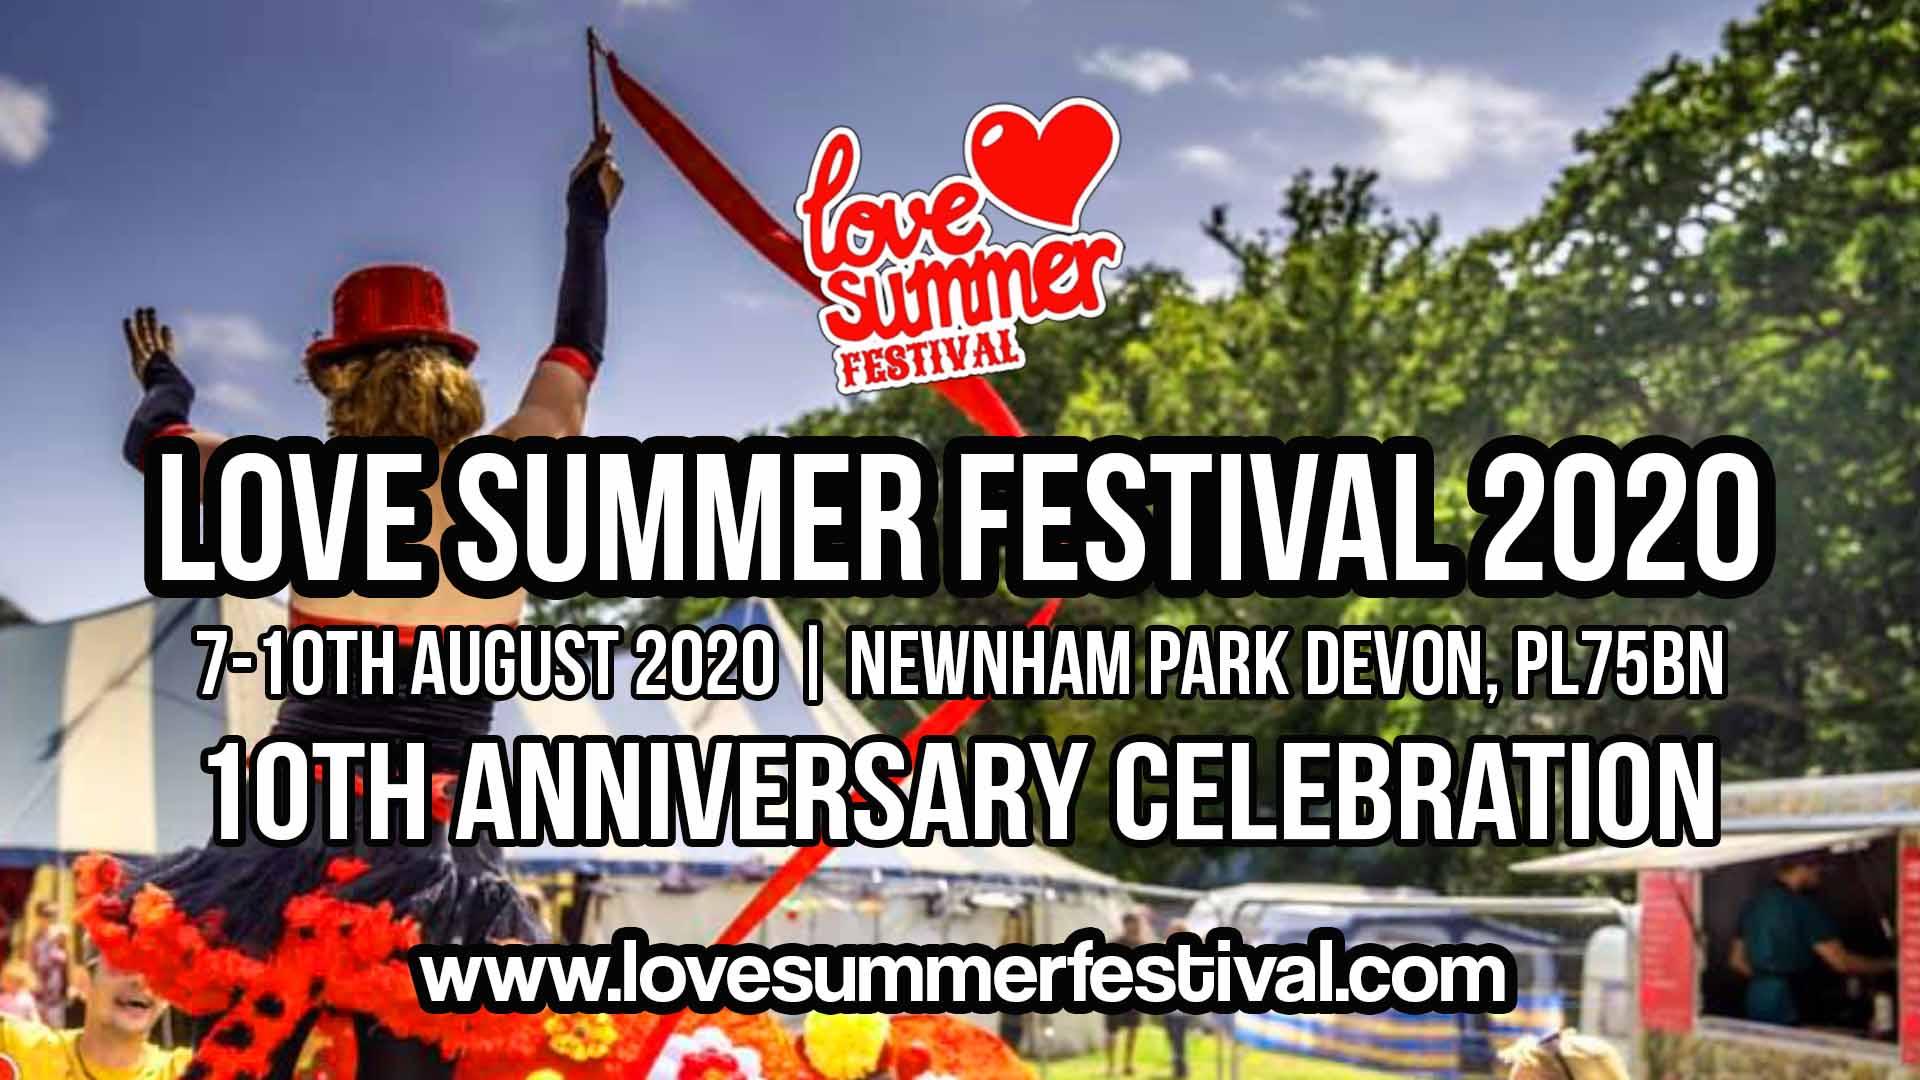 Love Summer Festival 2020 Flyer